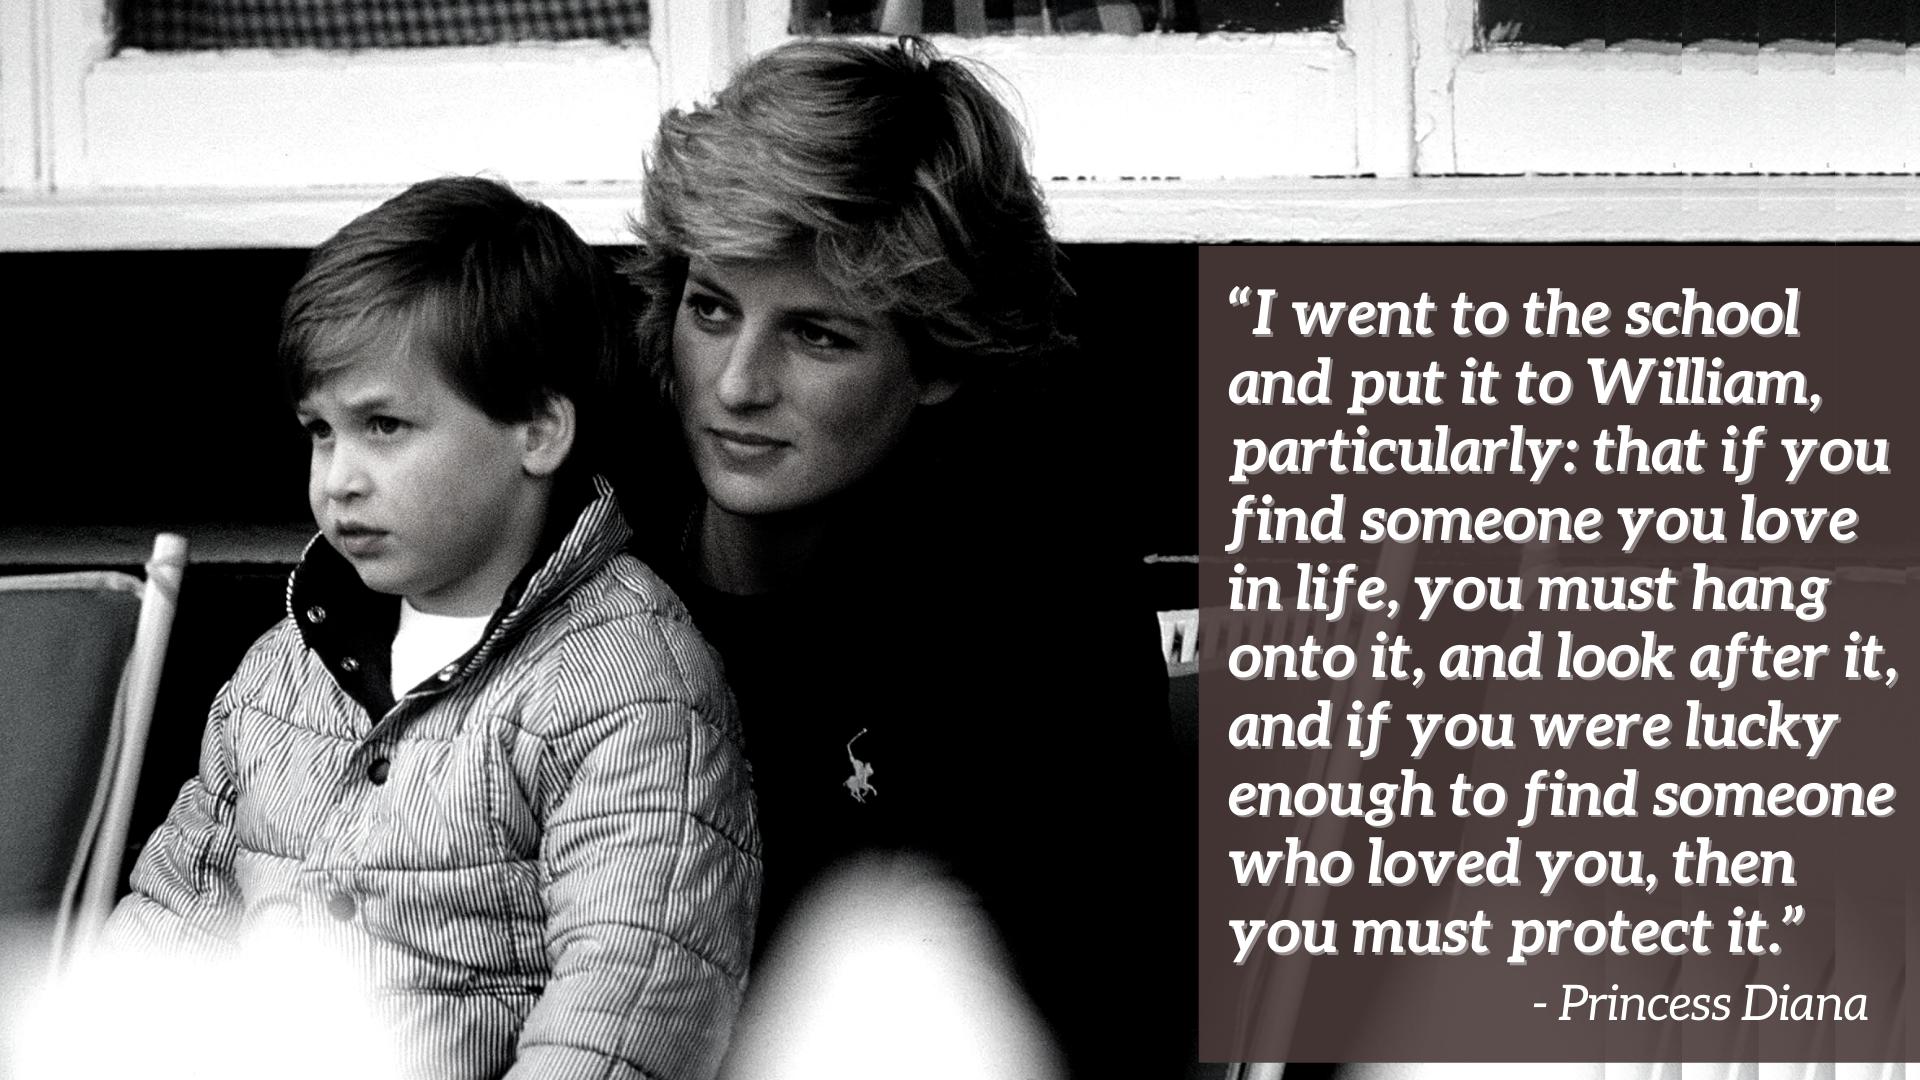 La princesse Diana et William - citation